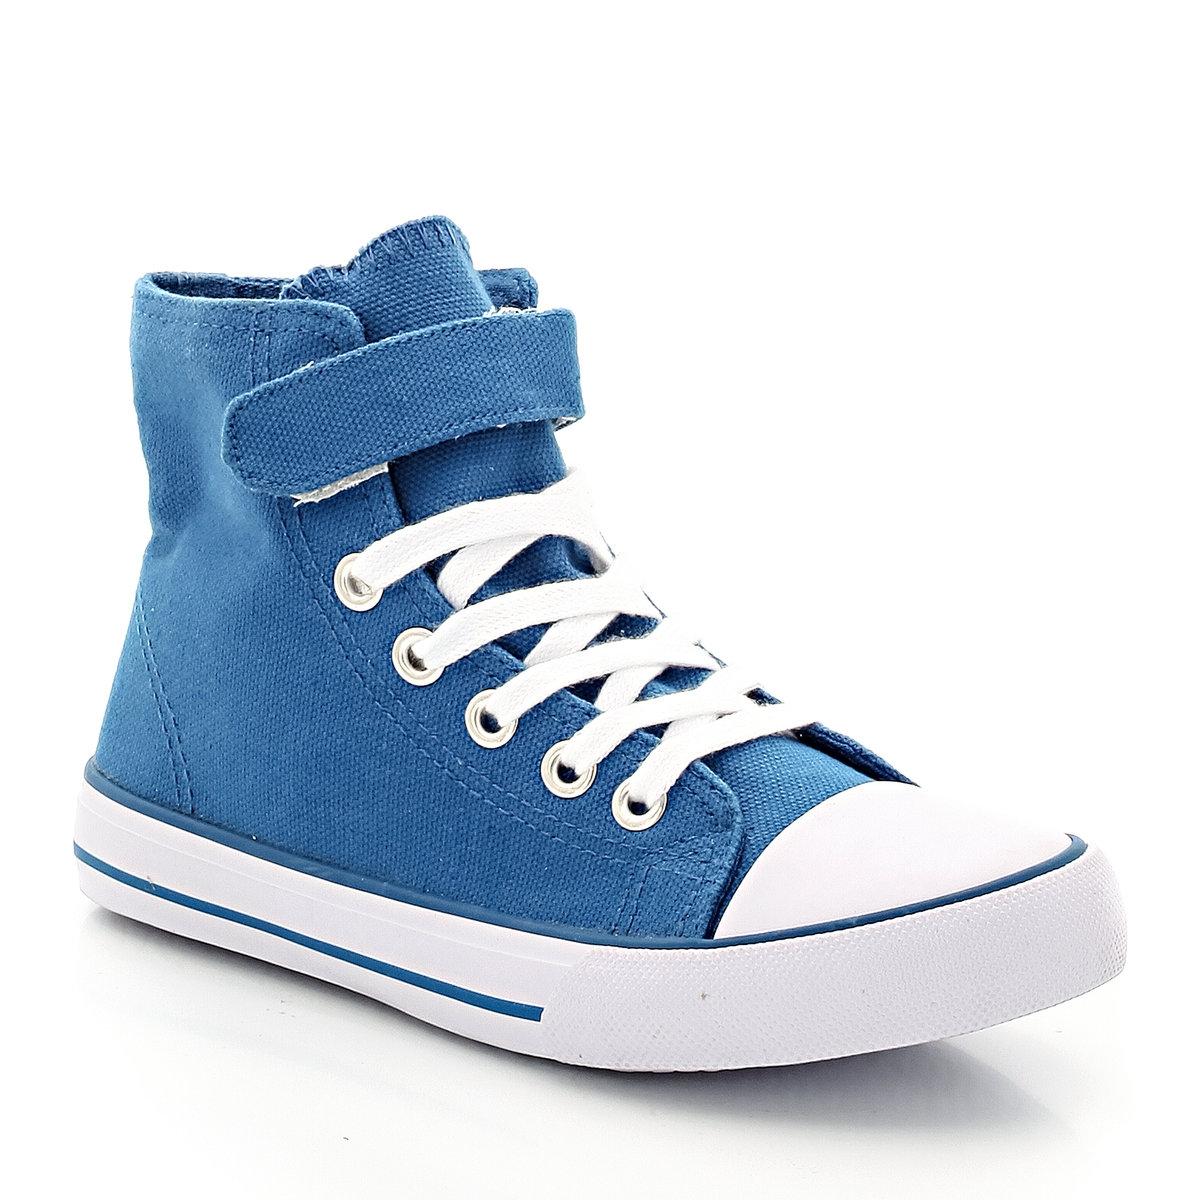 Кеды высокиеНеоспоримые плюсы : удобная застежка с планками-велкро придется по вкусу юным модникам.<br><br>Цвет: синий